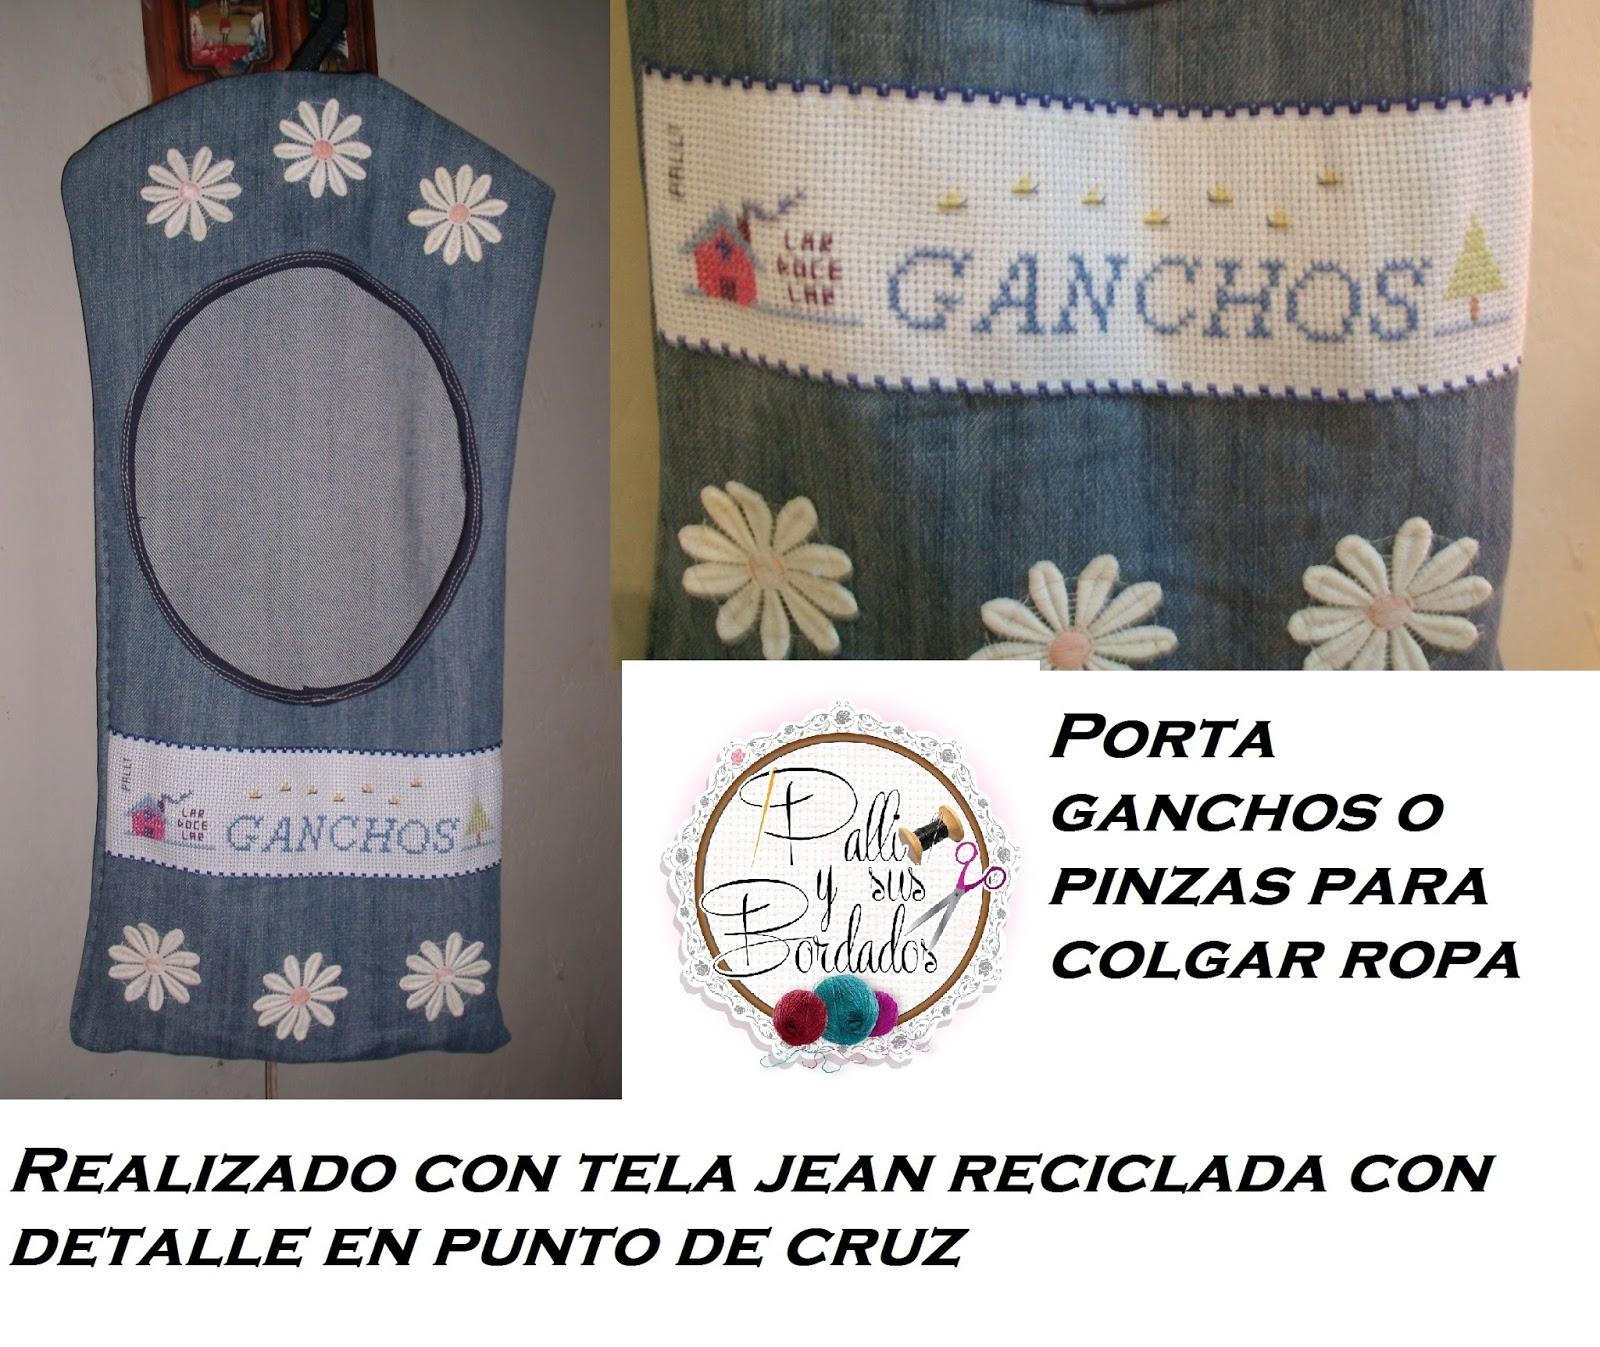 Palli y sus bordados nueva p gina porta ganchos o pinzas for Porta ganchos de ropa